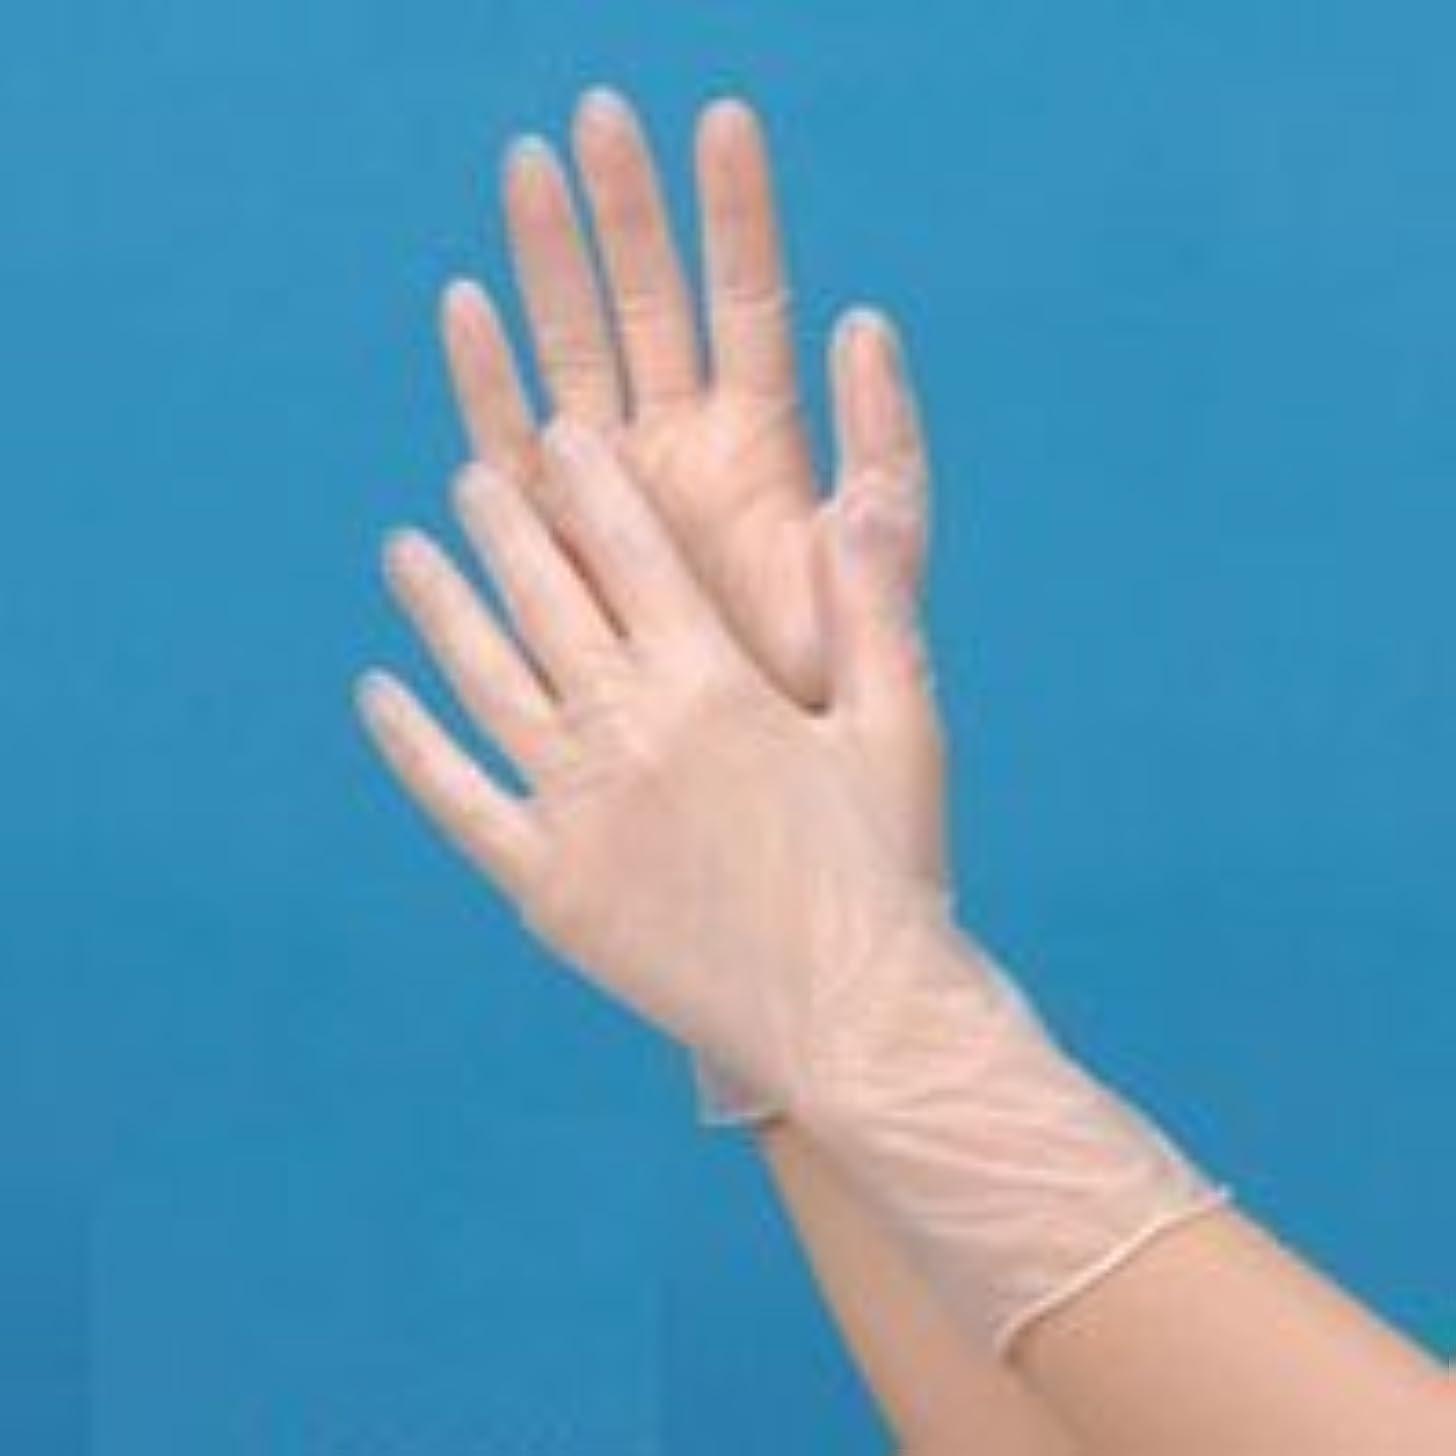 勧める区別する比率プラスチック手袋ハイクリーン(パウダーフリー)S 100枚【食品対応】